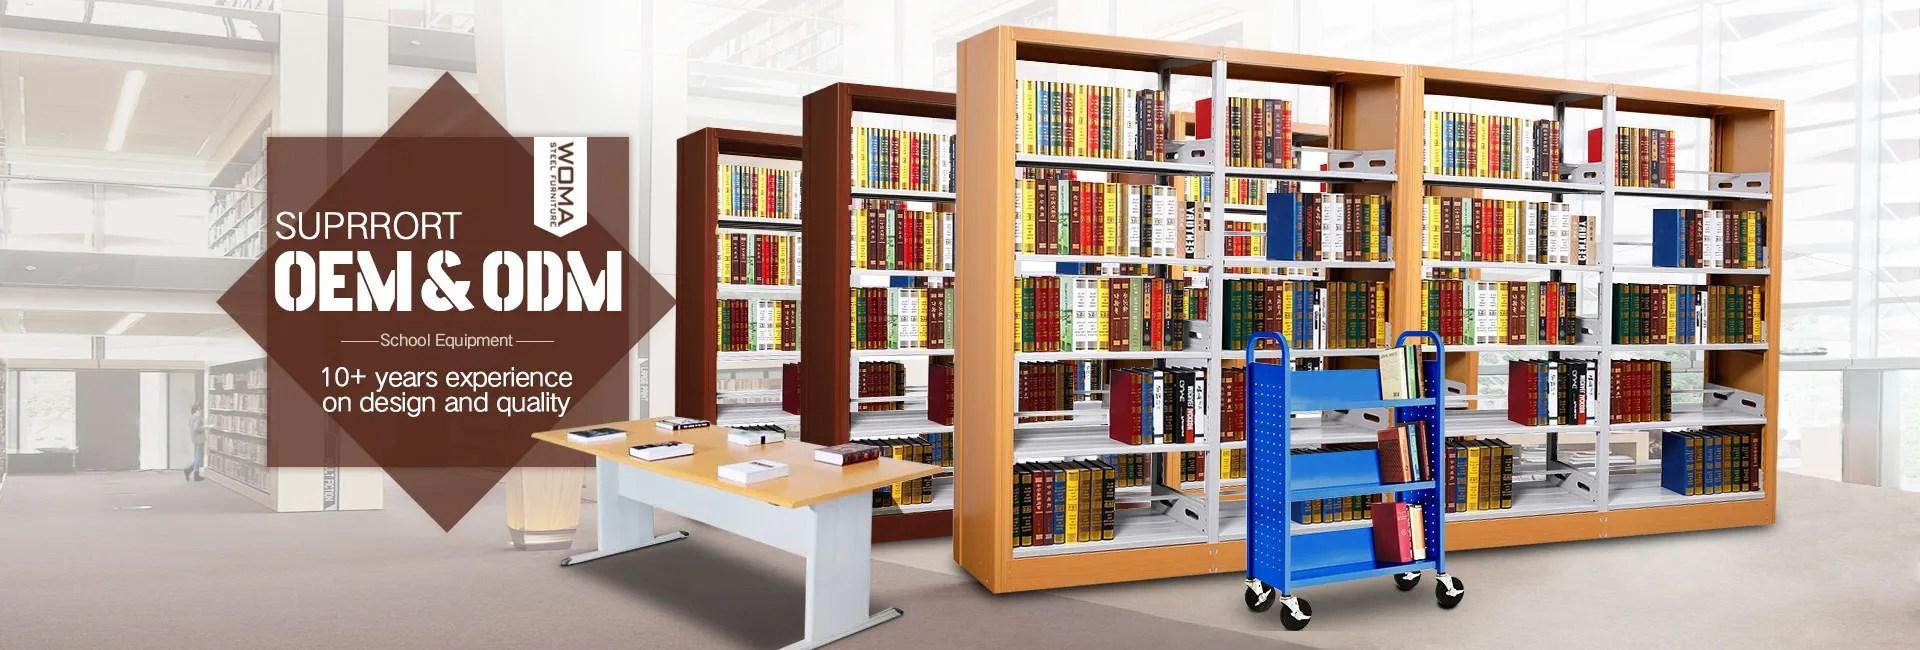 mobilier de bibliotheque portable bibliotheque en metal bon marche et economique double acier buy bibliotheque bibliotheque bibliotheque